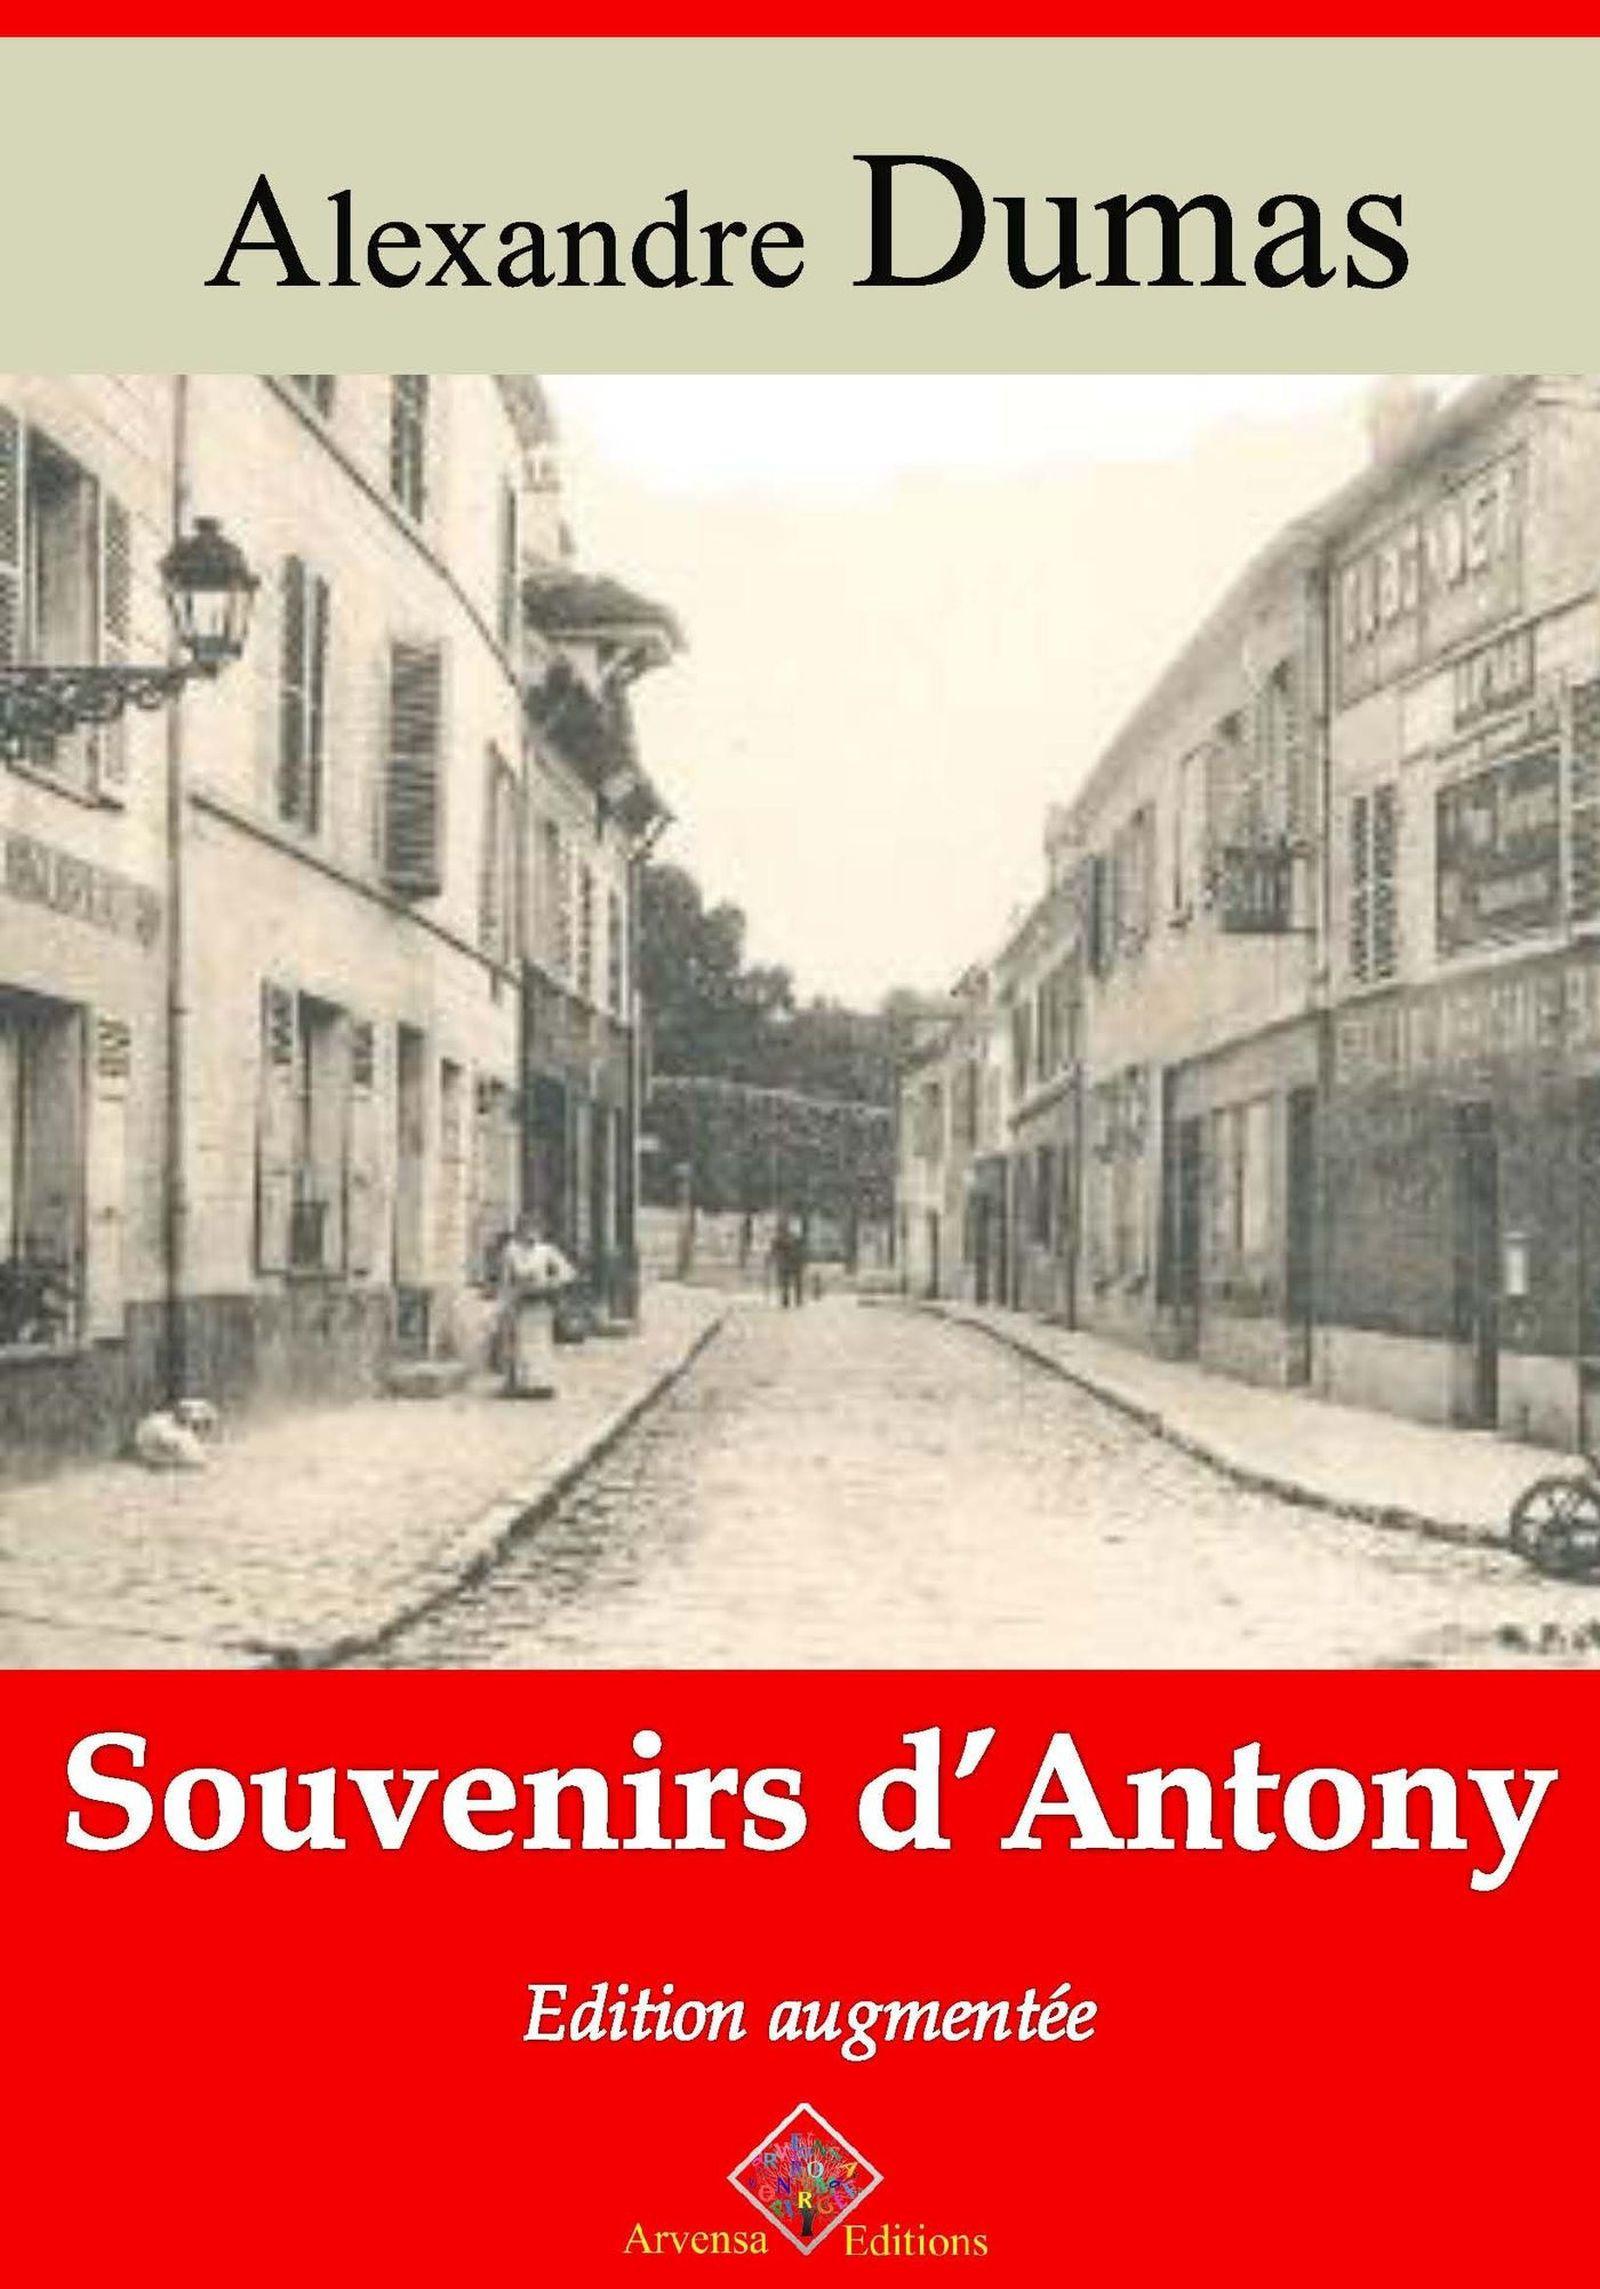 Souvenirs d'Antony - suivi d'annexes